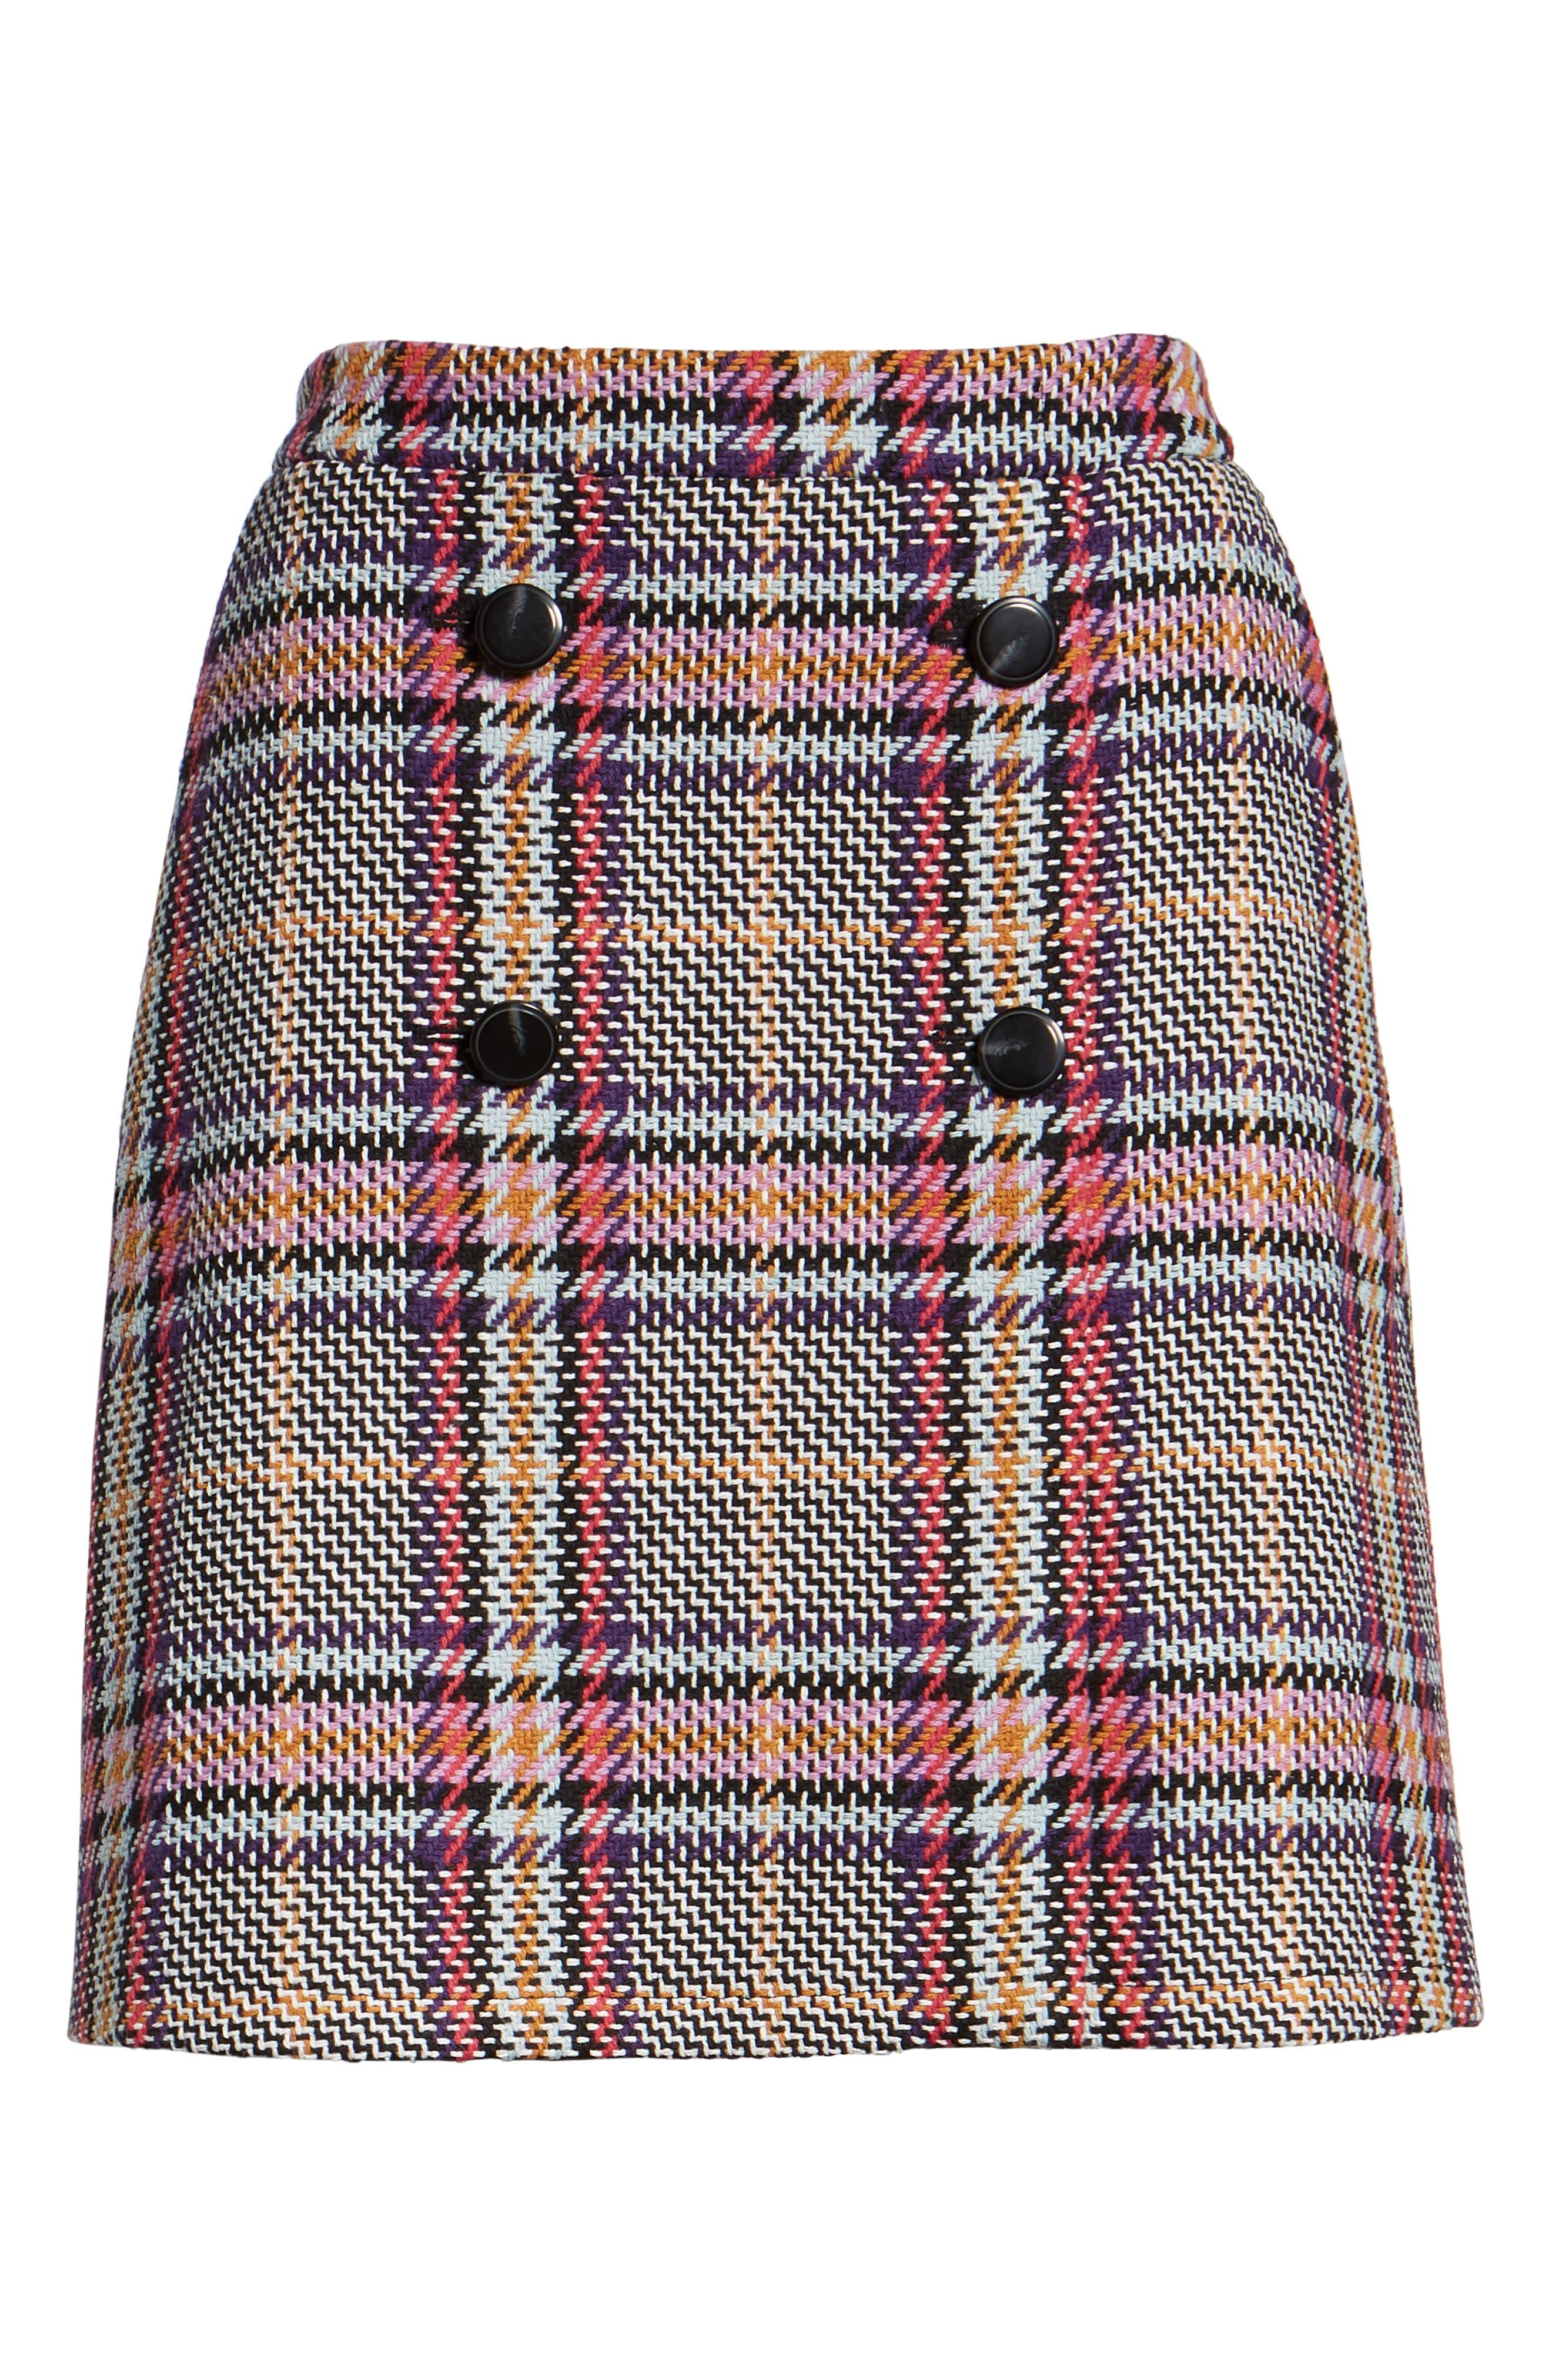 Button Detail Plaid Skirt,                             Alternate thumbnail 6, color,                             530